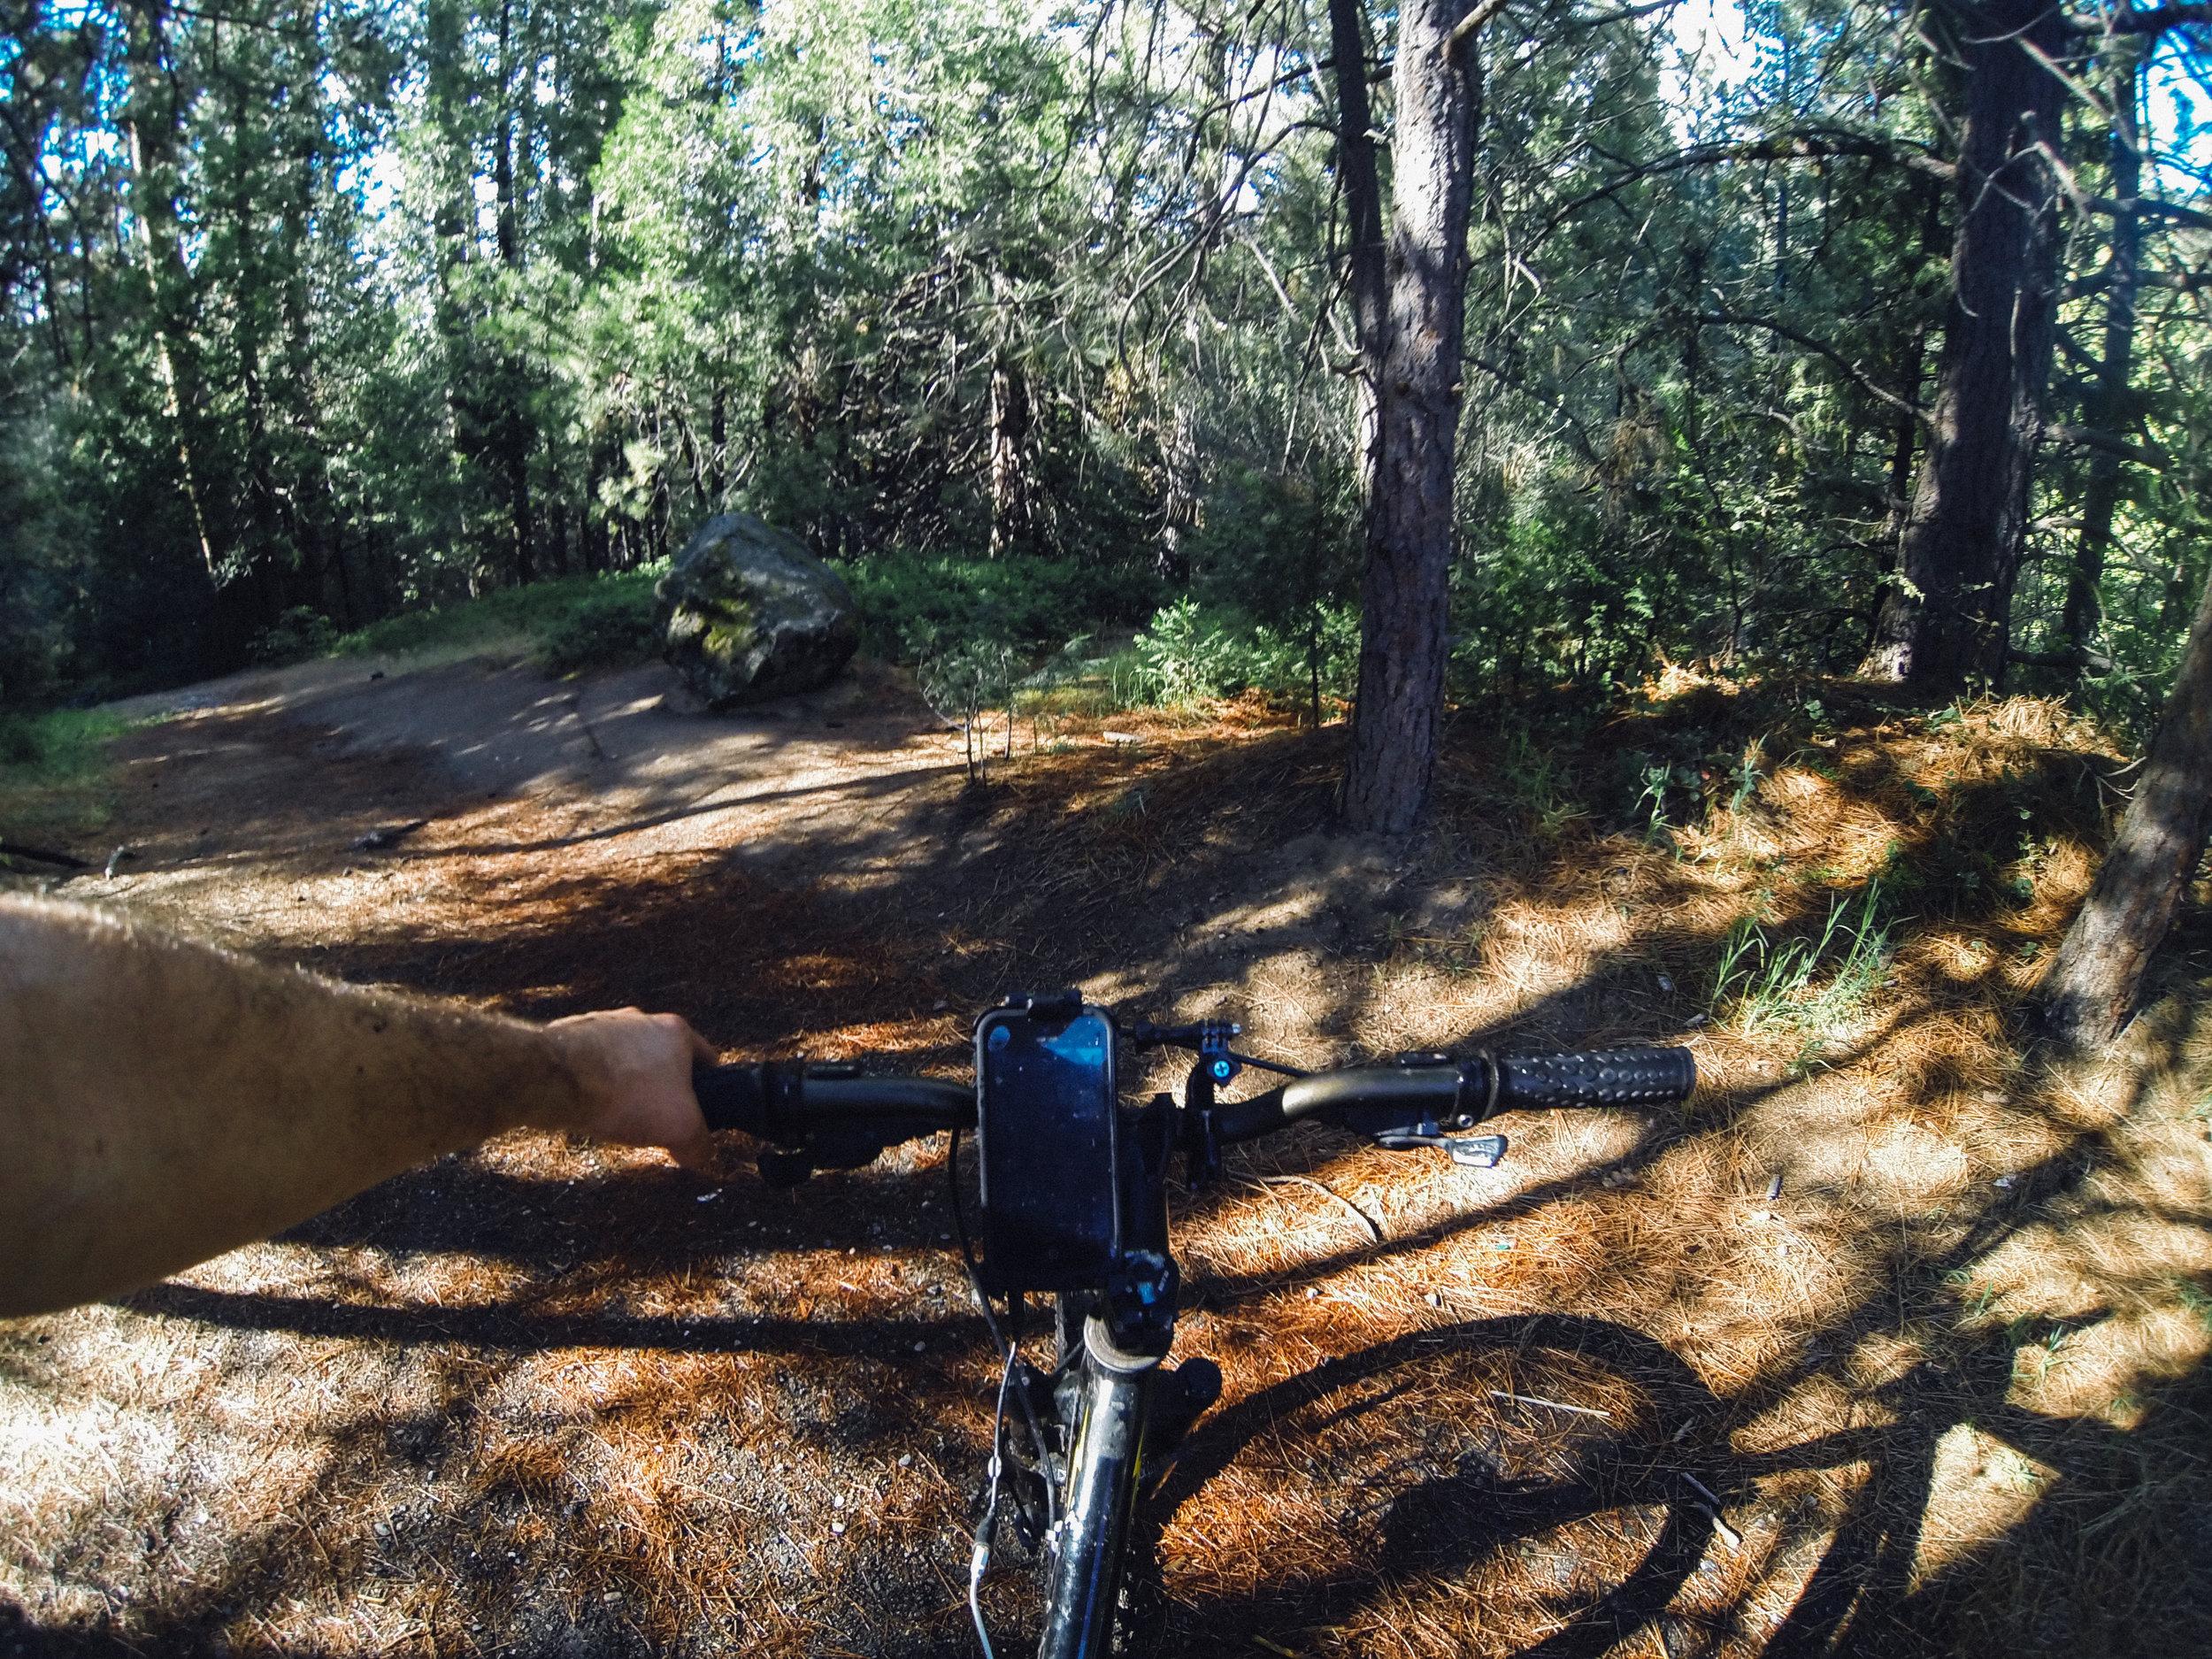 Mountain Biking at Lewis Creek